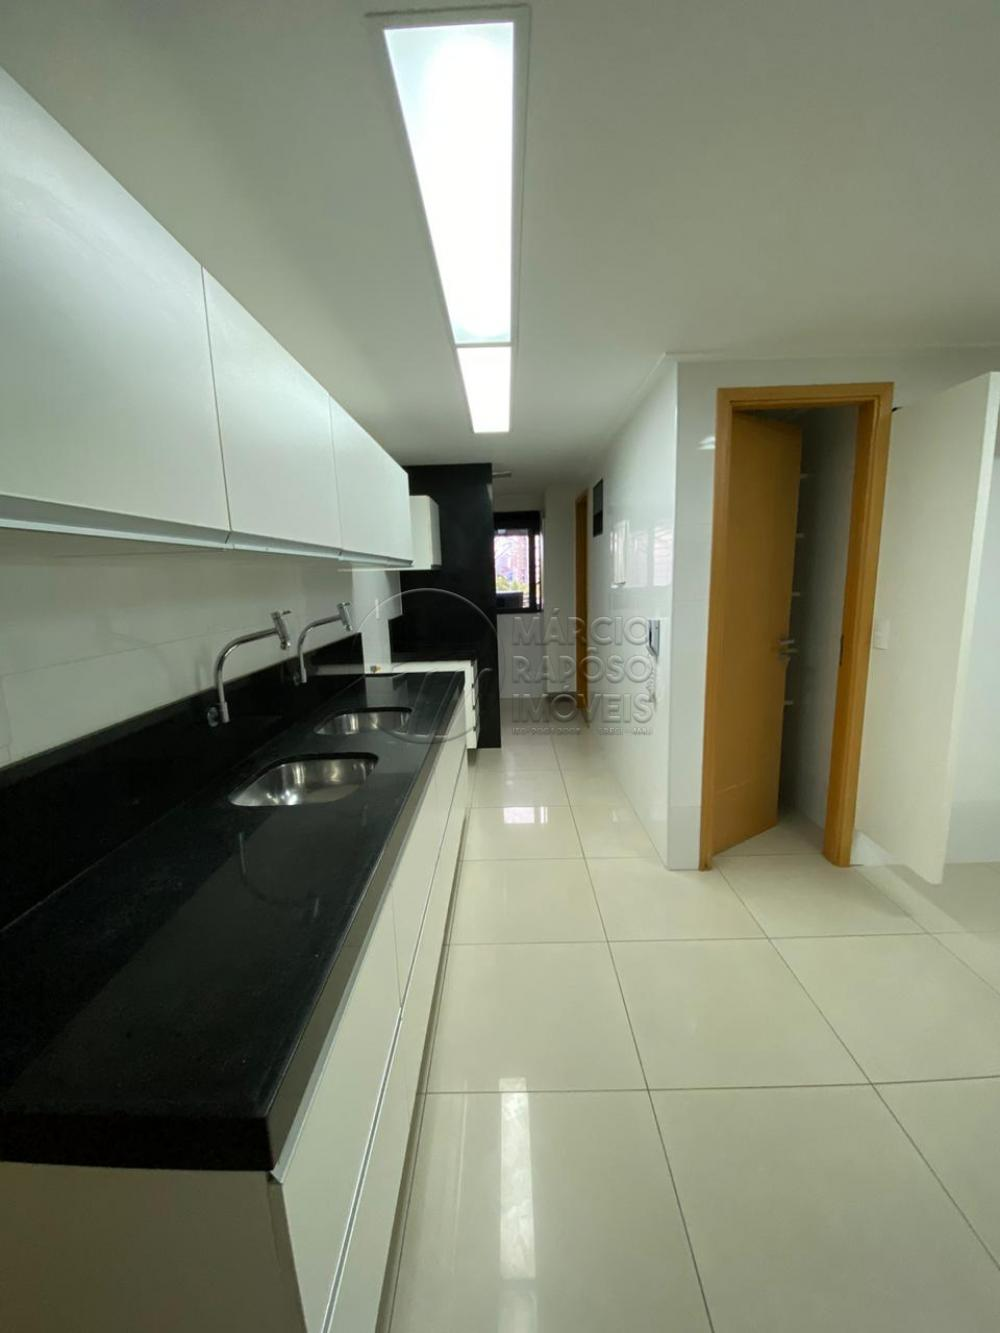 Apartamento nascente com 04 suítes, varanda fechada com euroglás, salas estar e jantar, cozinha com área de serviço, lavabo, com armários, splint ( sala e varanda)